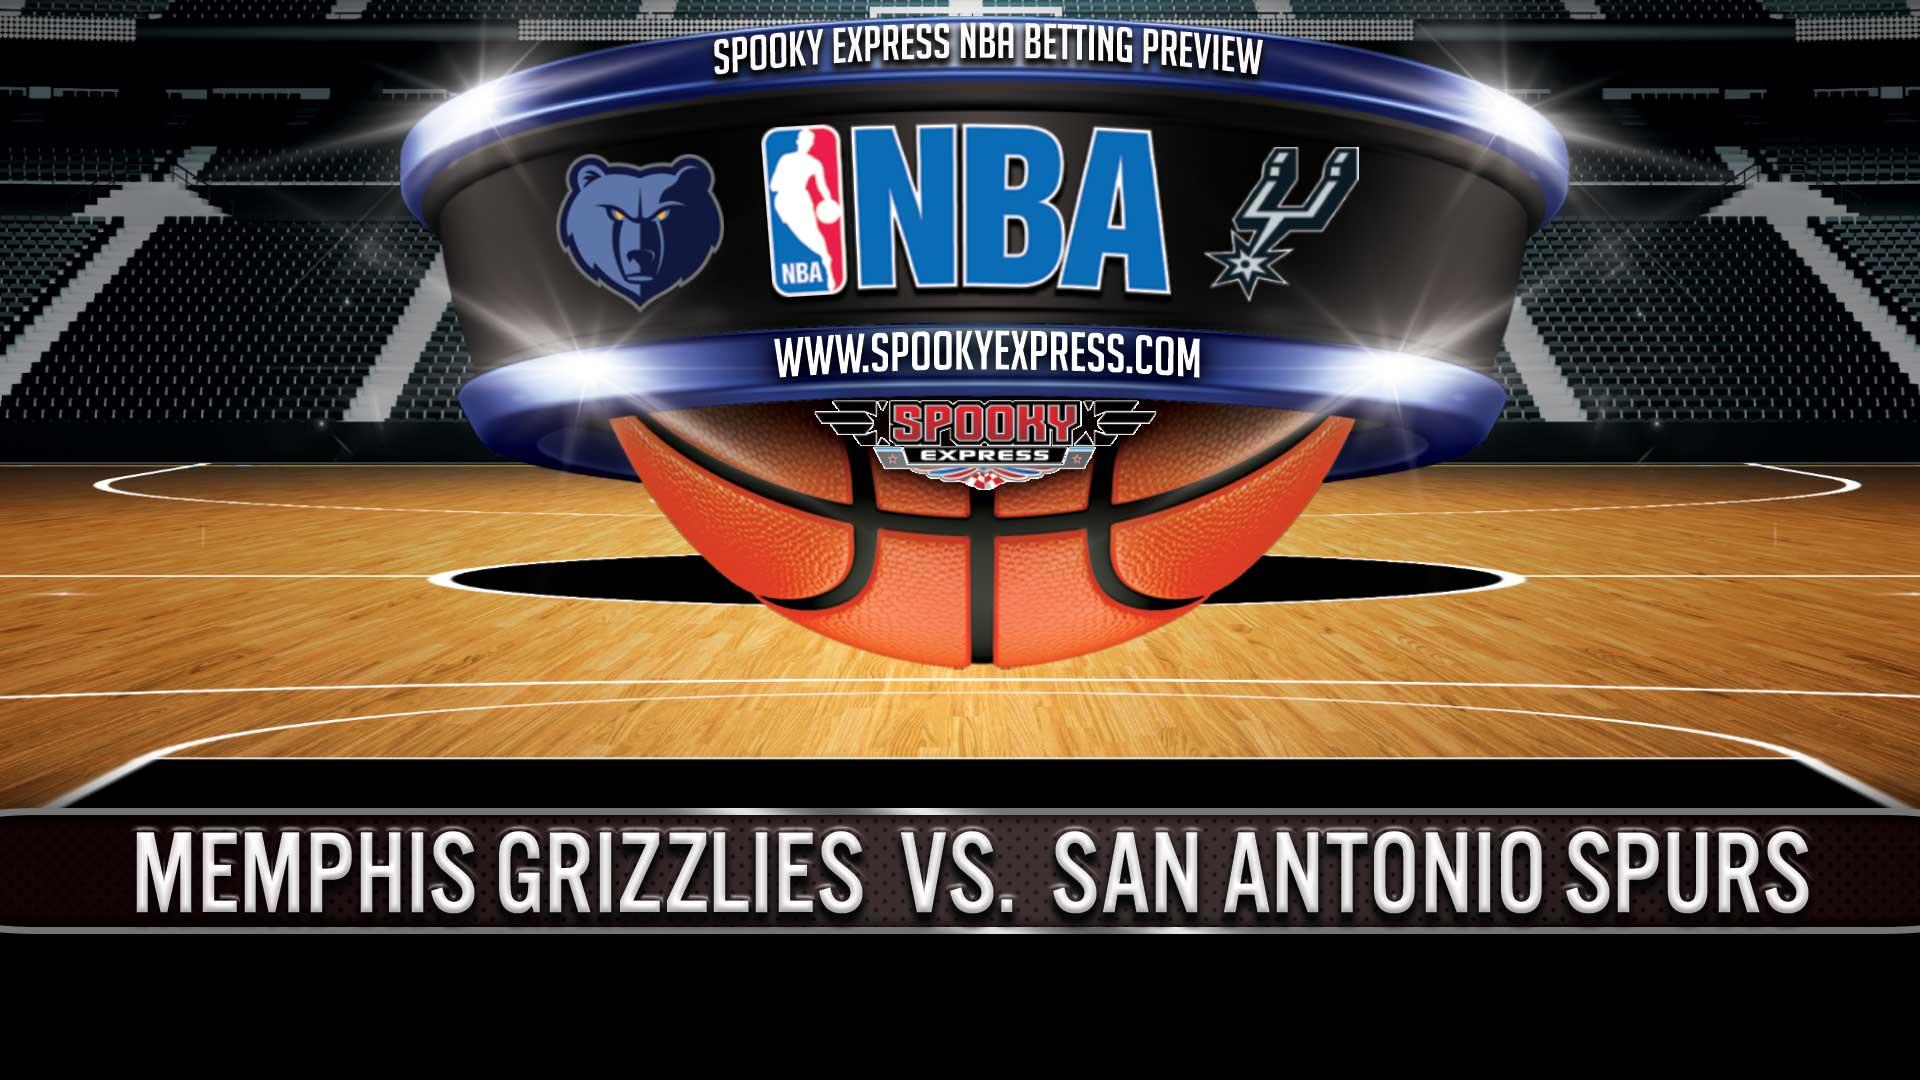 NBA memphis vs. san antonio